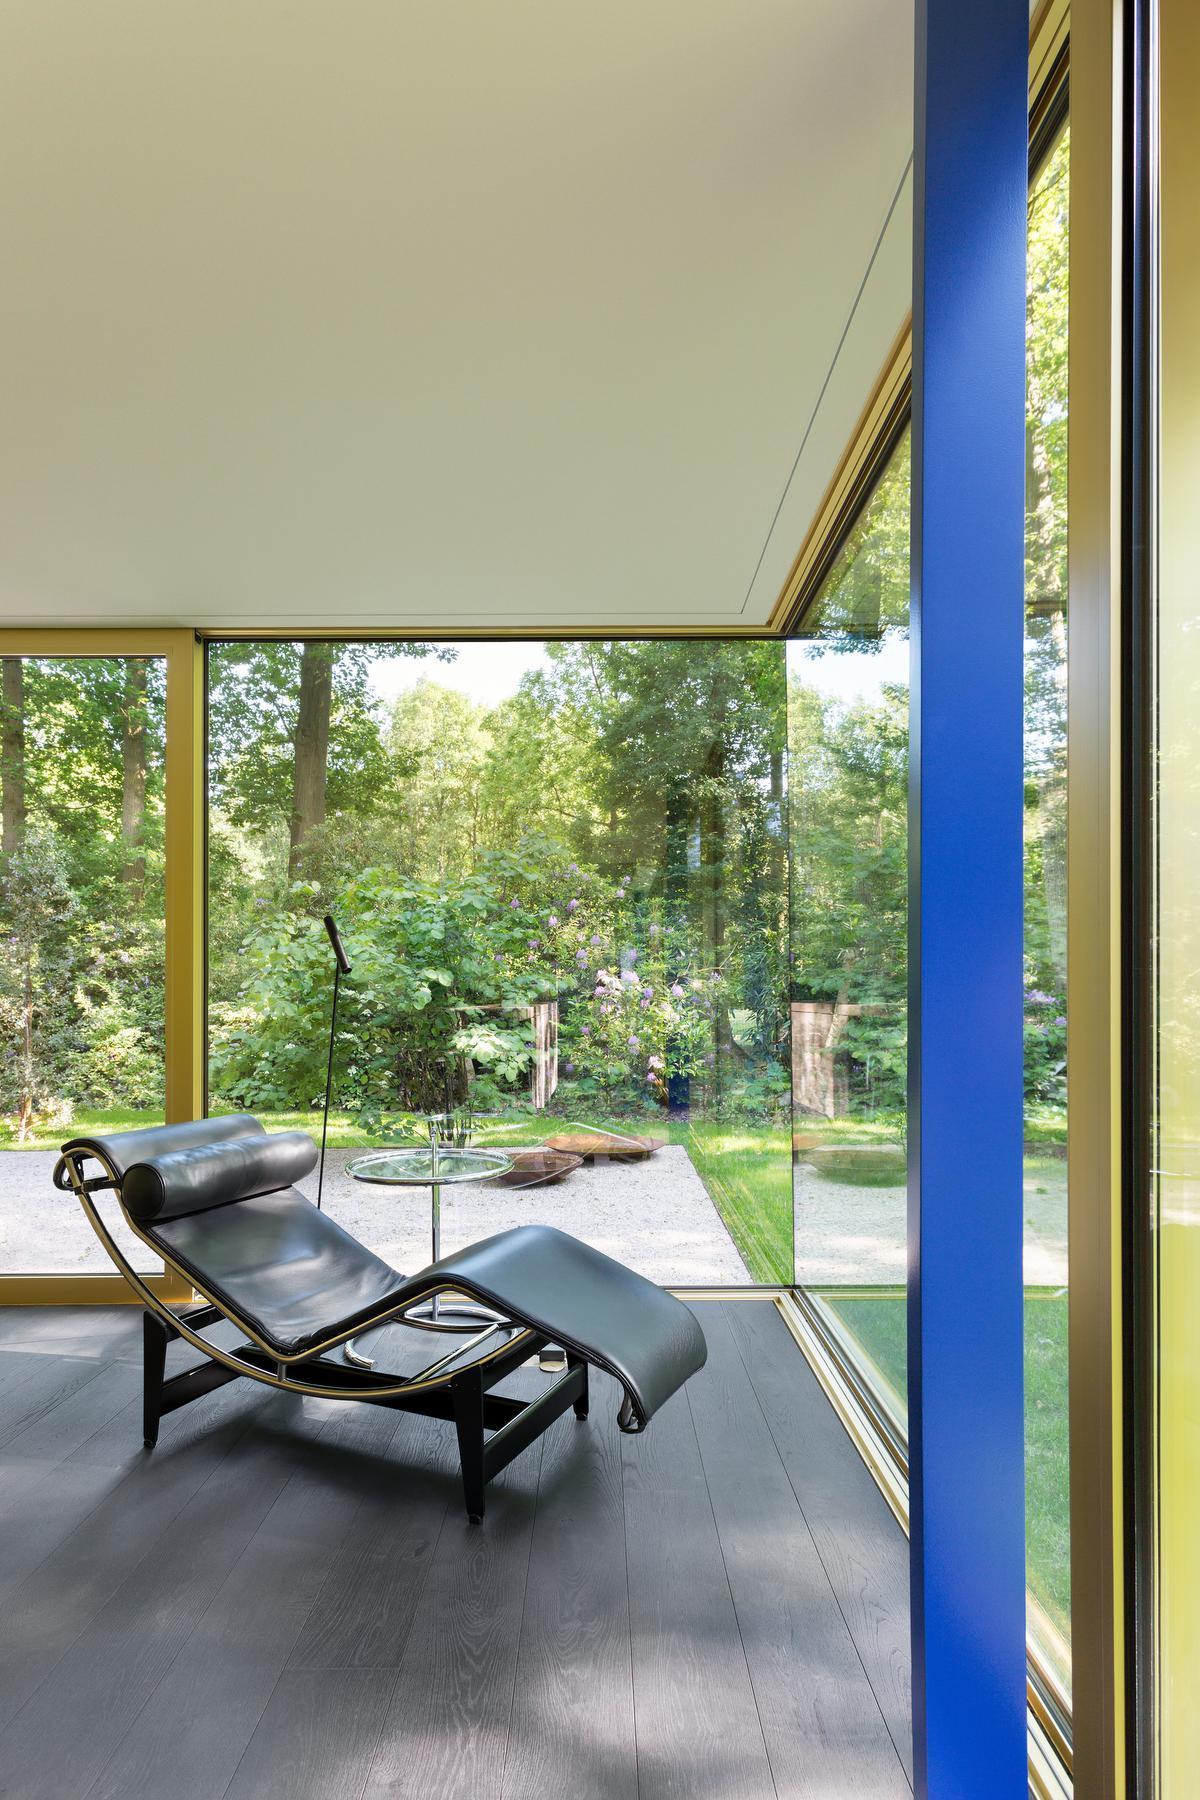 De leefruimte is volledig op de tuin georiënteerd, met glaspartijen van 16,5 meter lang. Gouden geanodiseerde raamprofielen omarmen de relaxte setting en de chaise longue van Le Corbusier.© Giulia Frigerio